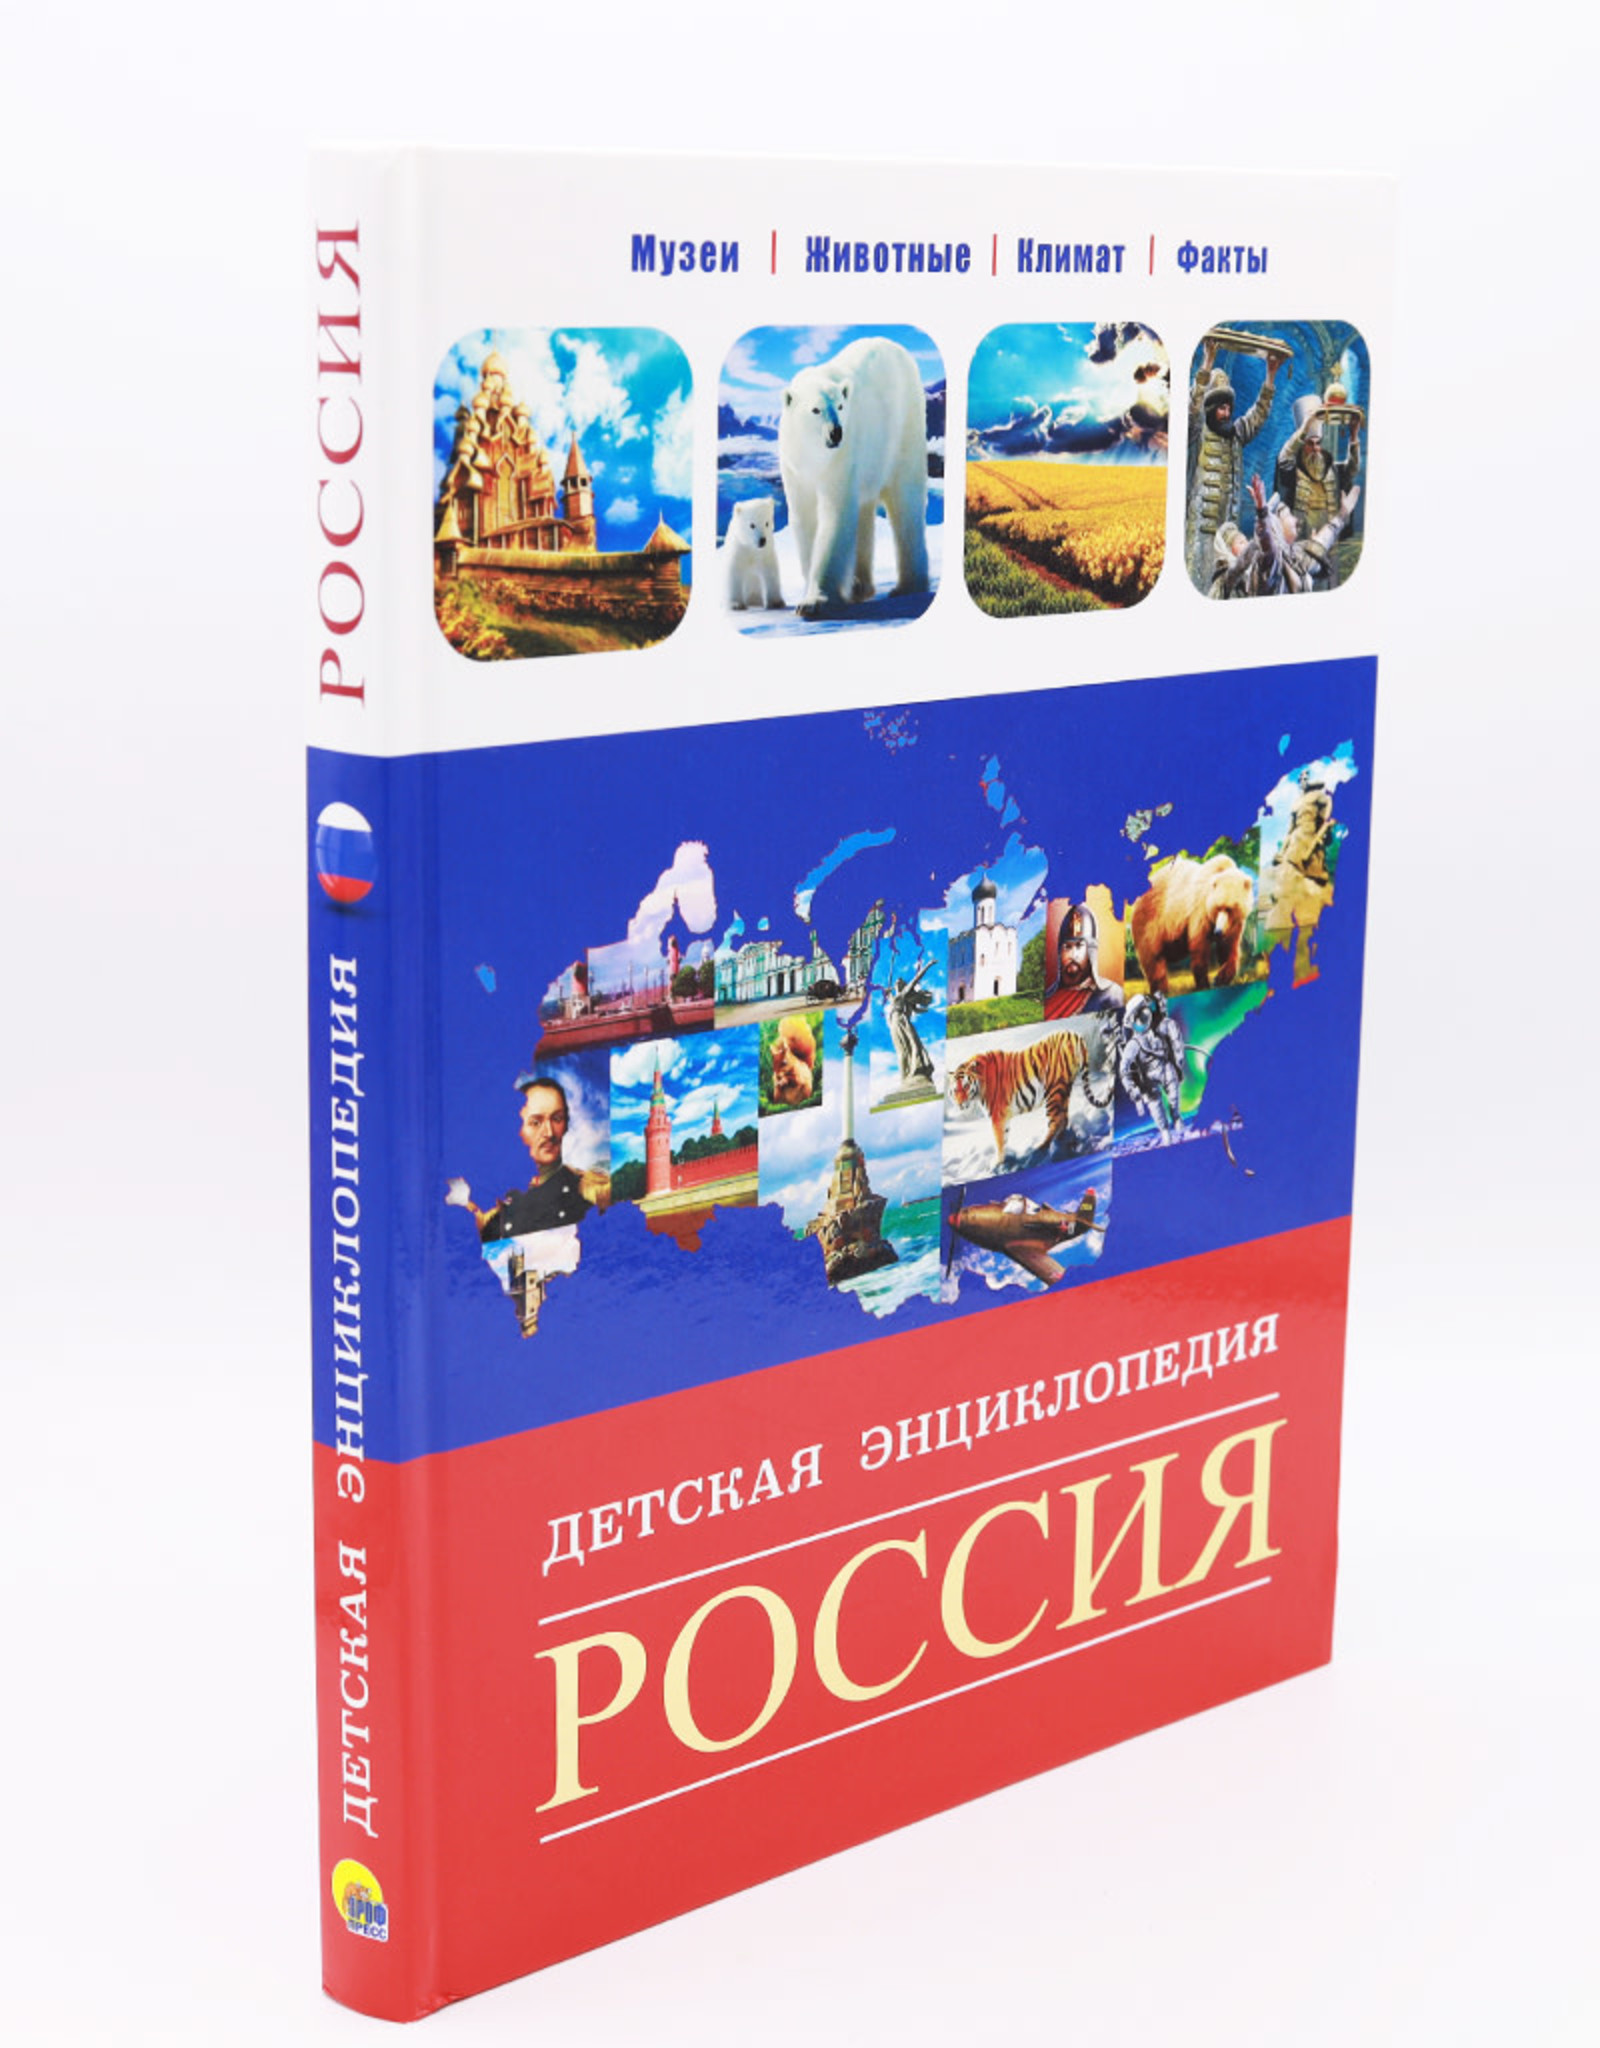 Детская Энциклопедия Россия